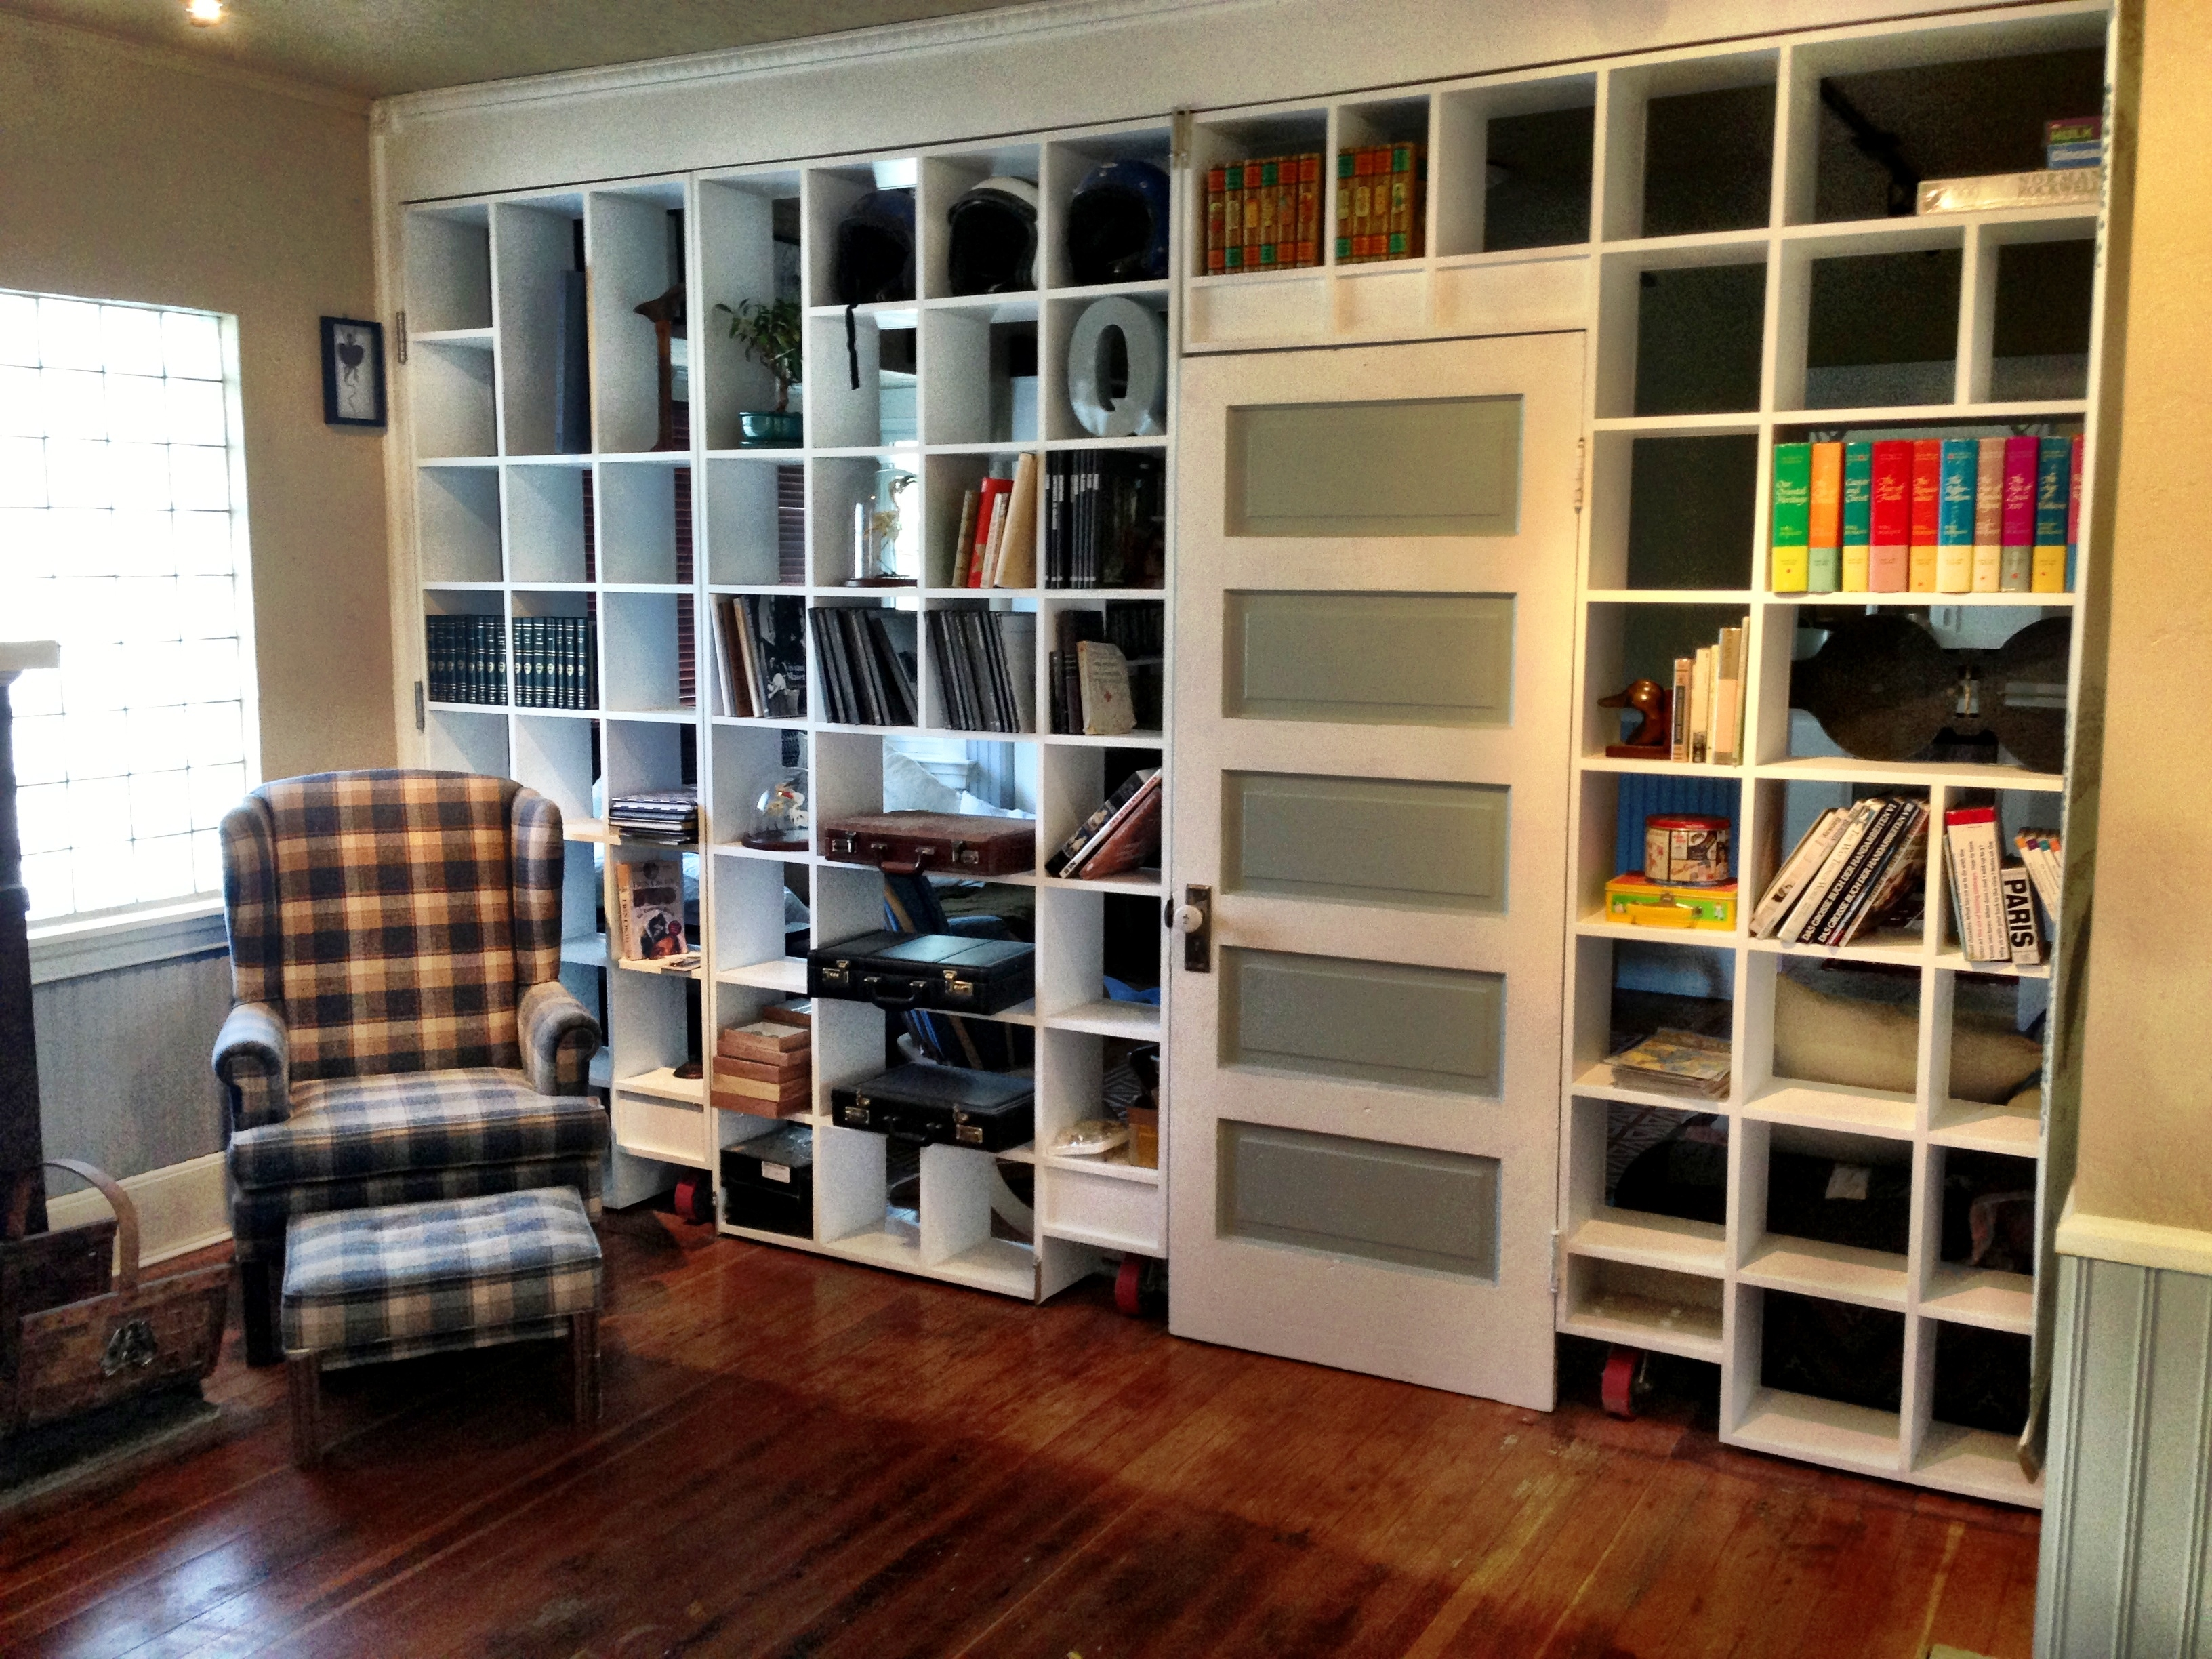 Friends Bookshelf Room Divider C R E A T E Pinterest More For Full Wall Bookshelf (View 5 of 11)